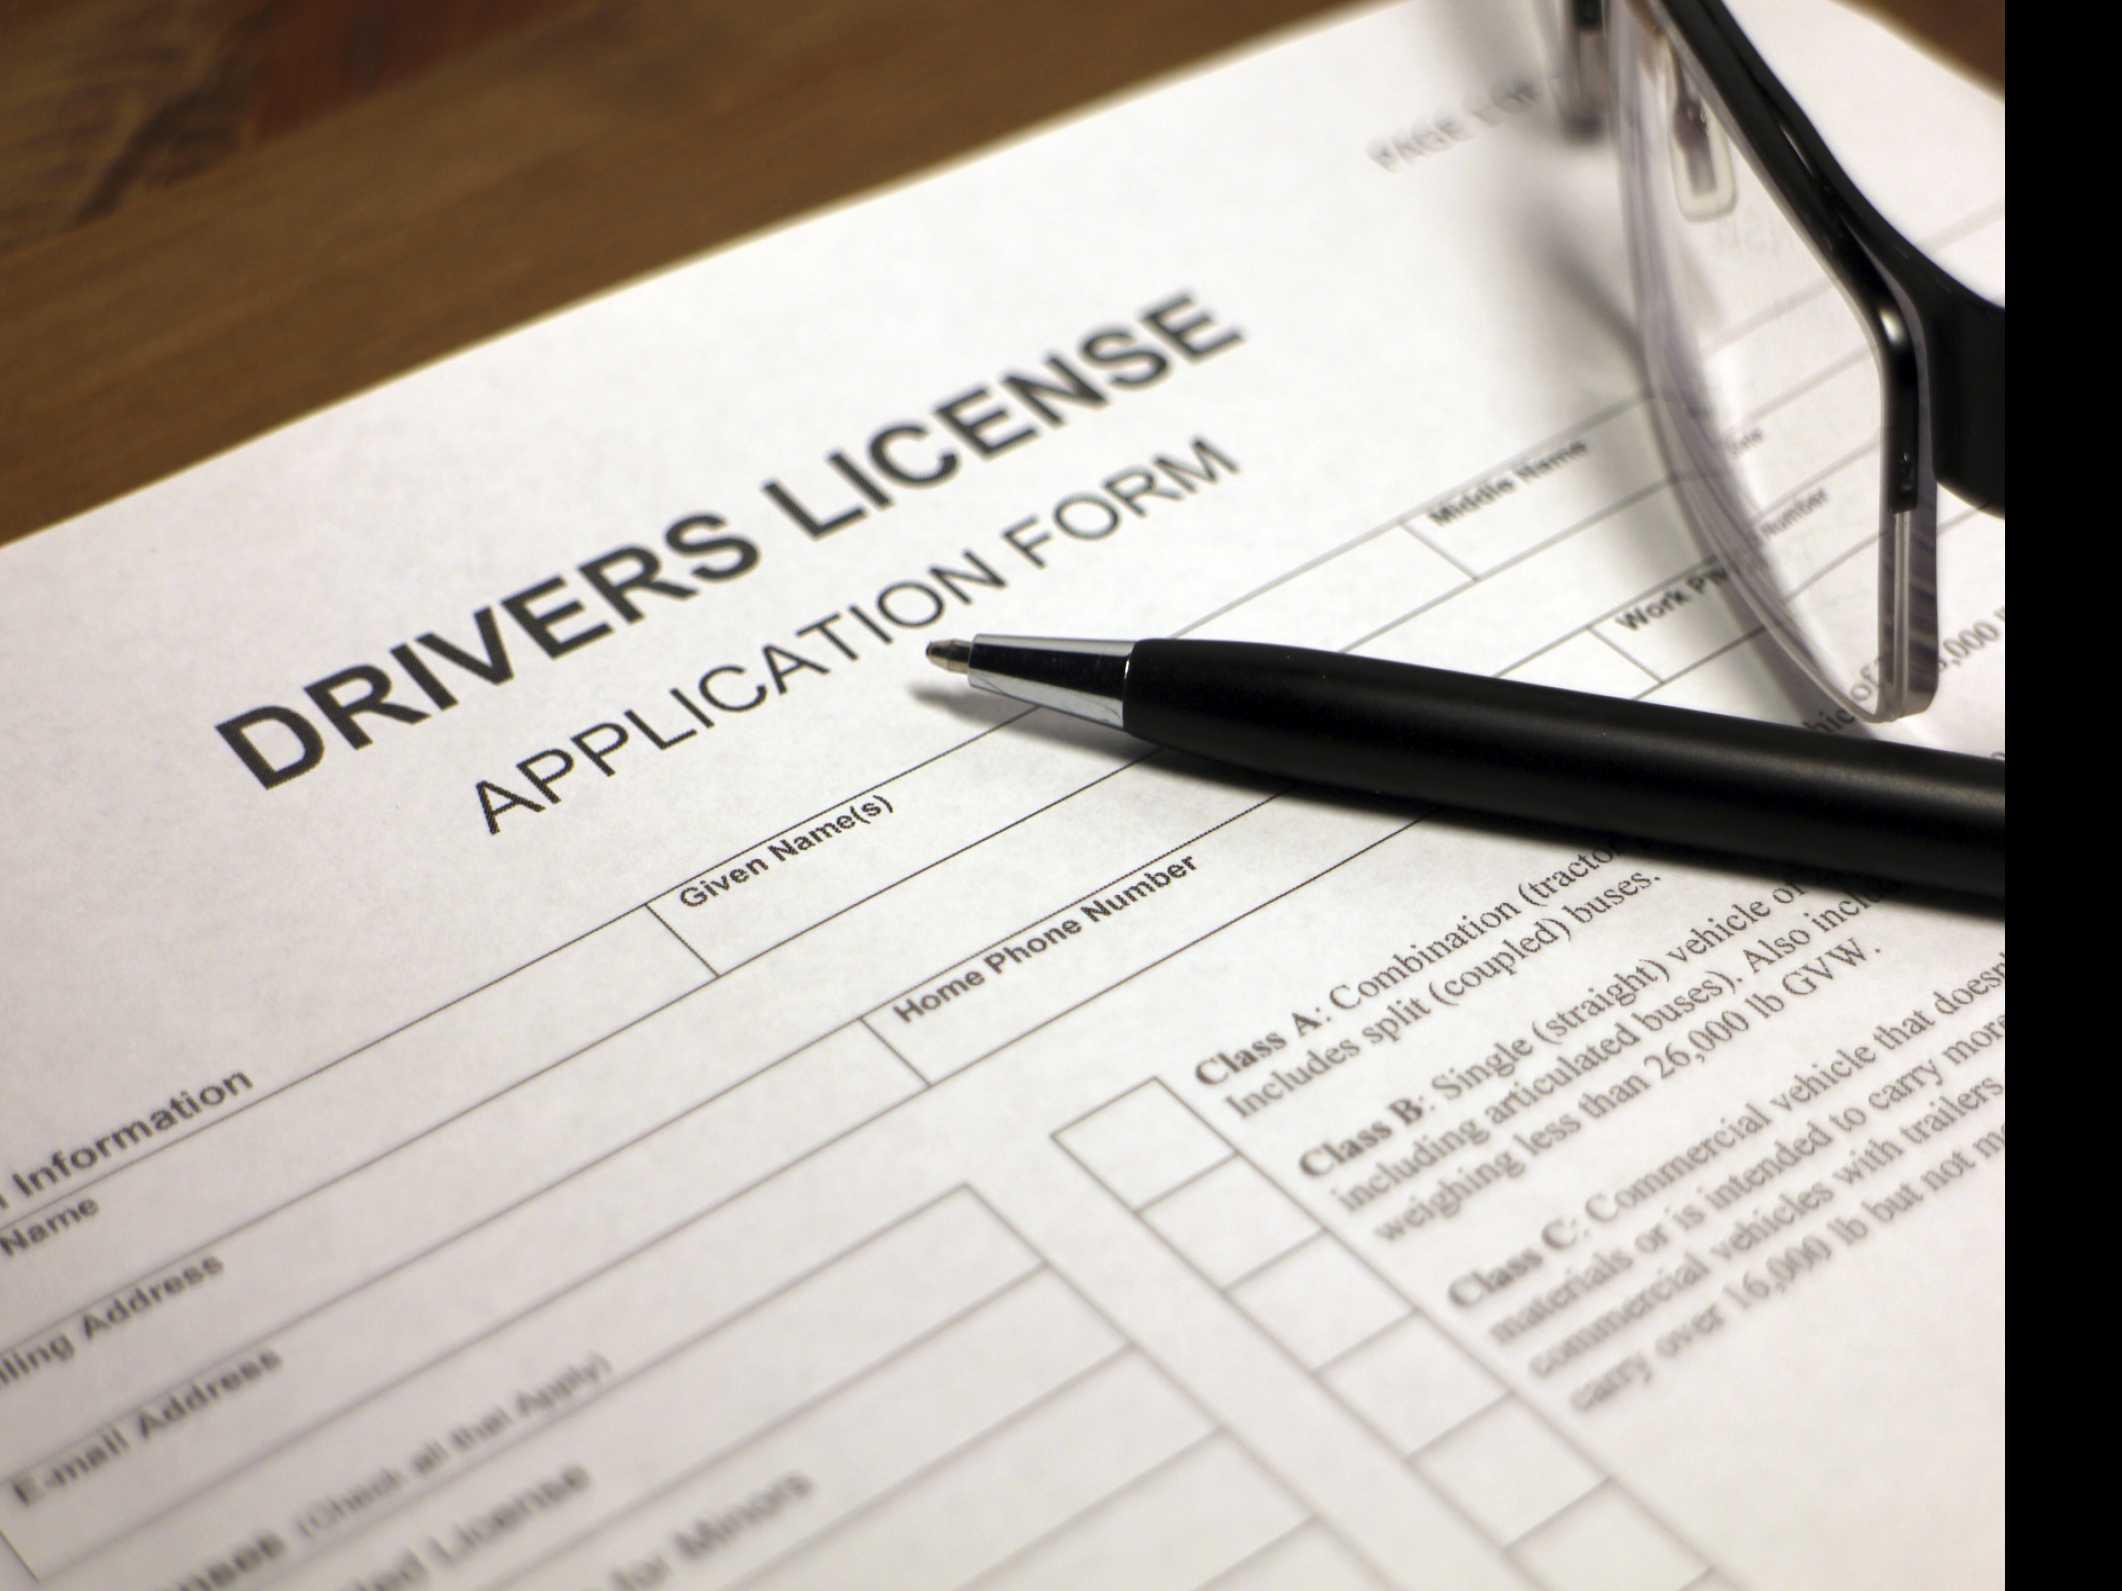 DC's DMV Adds Third Gender